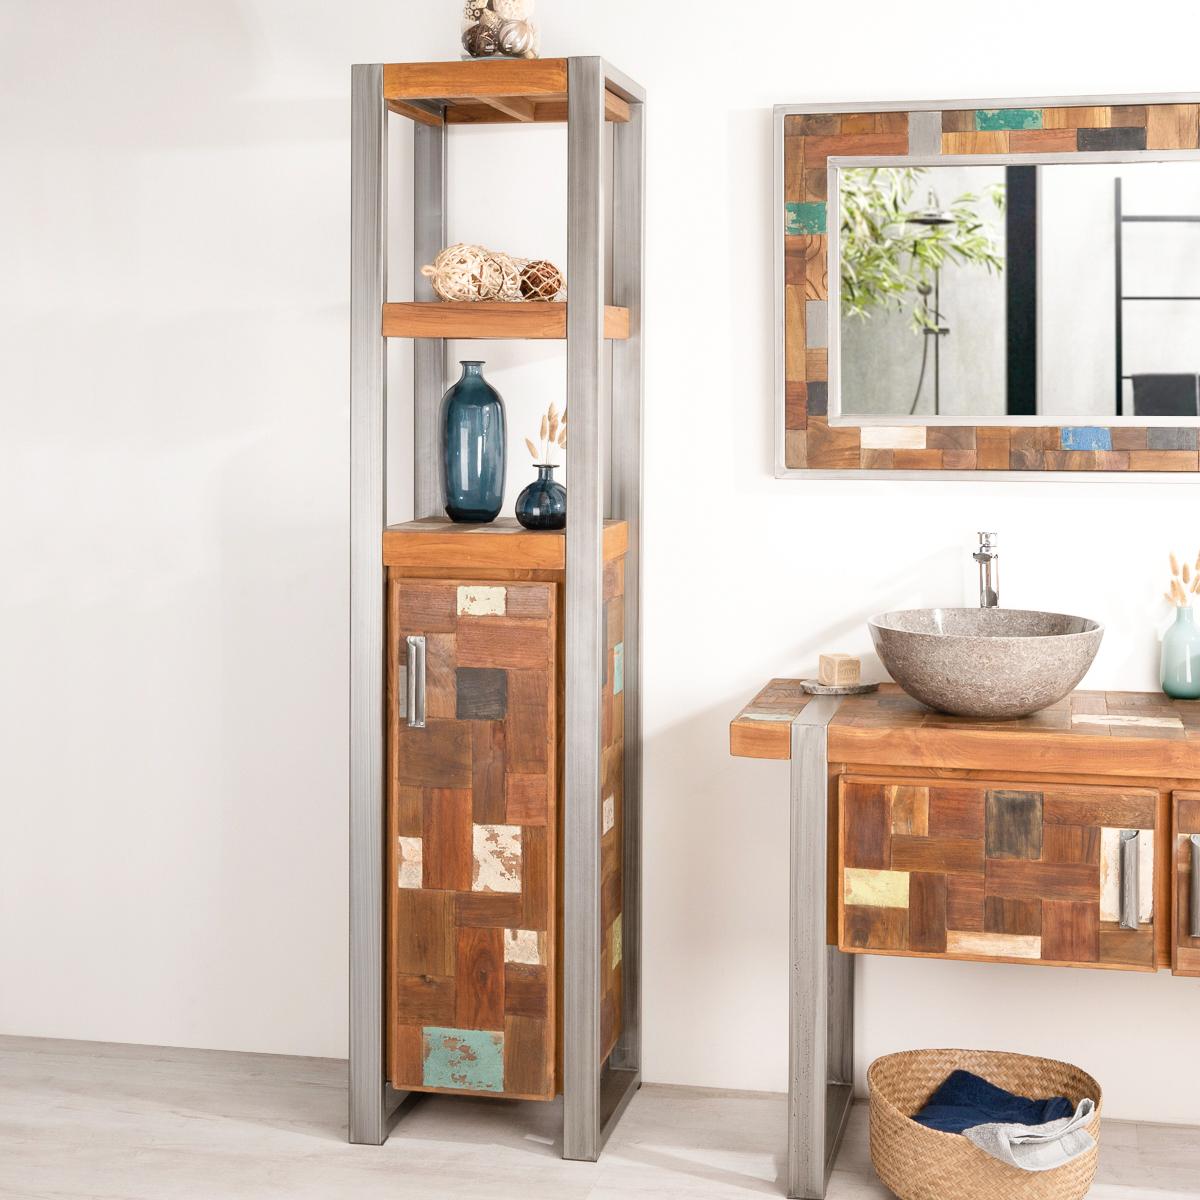 Salle de bain ancienne bois avec haute définition fonds d'écran ...